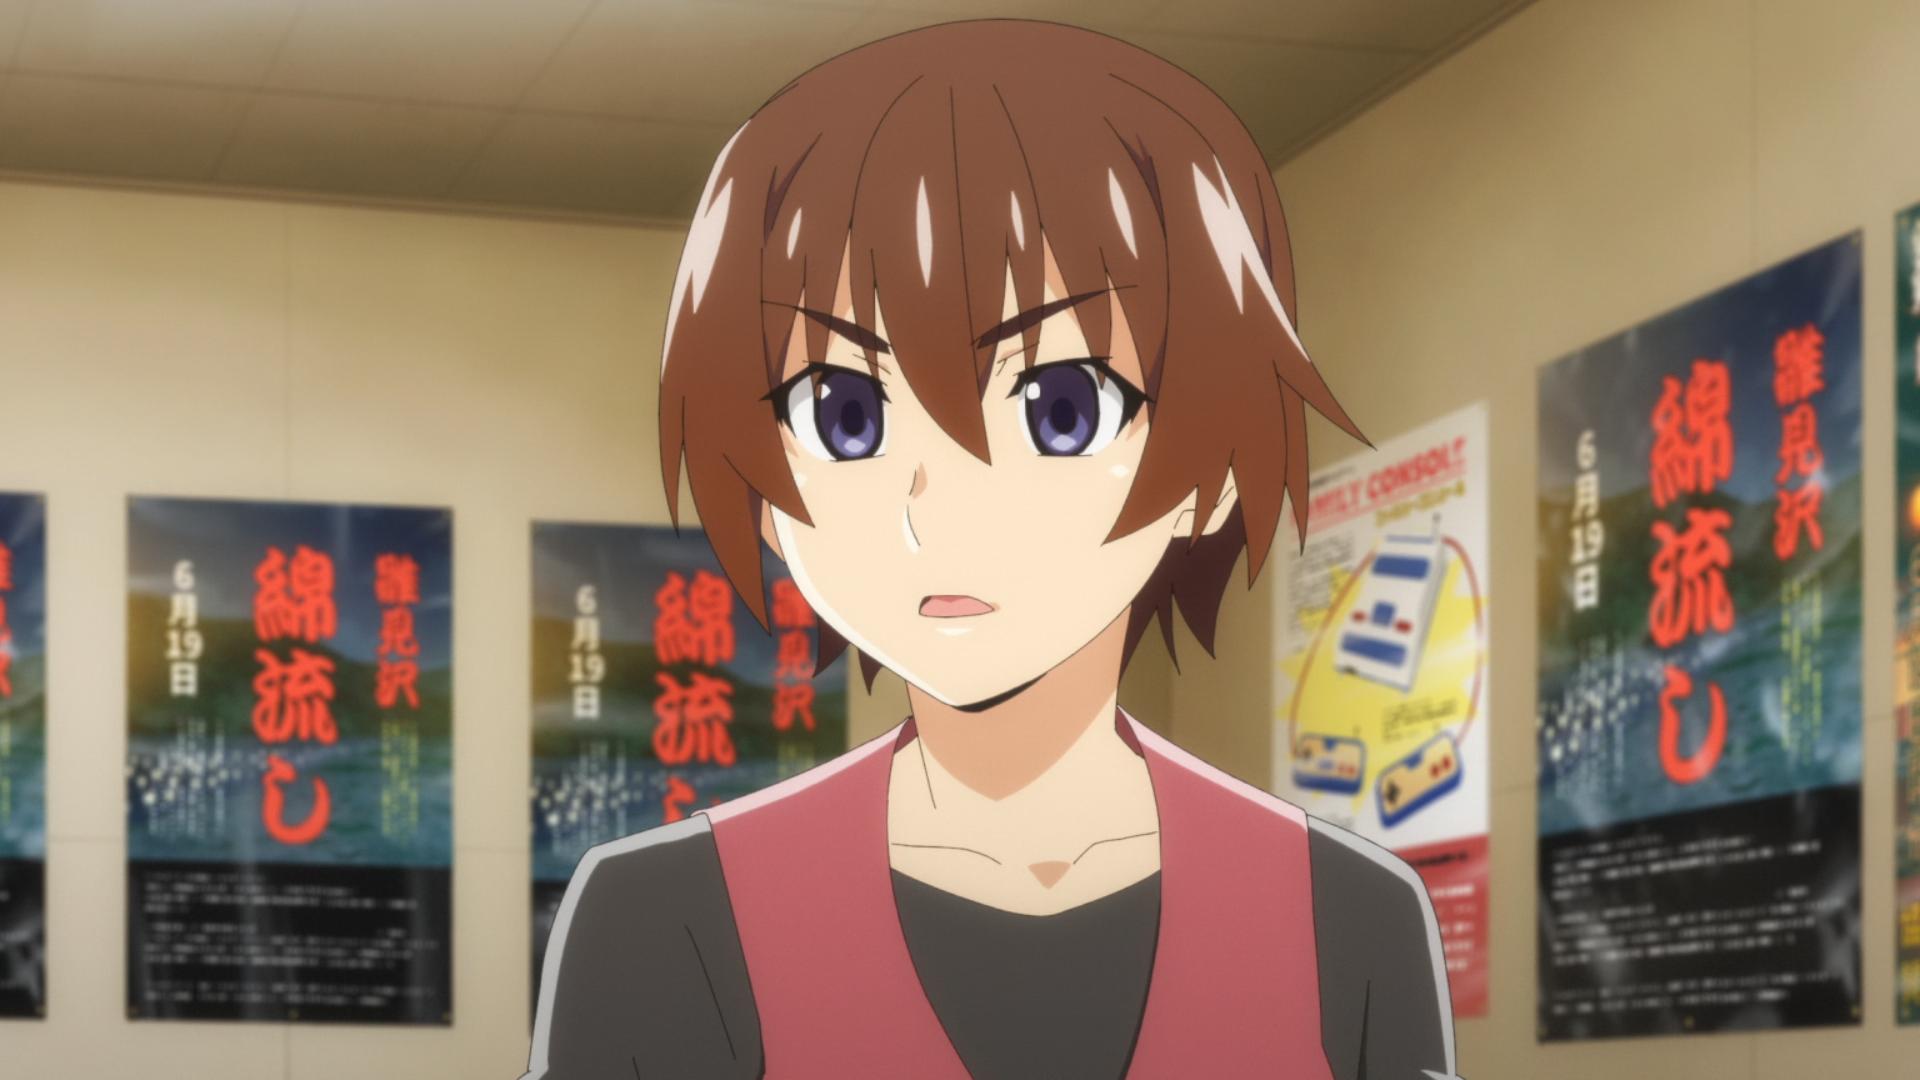 [Anime Time] Higurashi No Naku Koro Ni (2020) - 01 [1080p